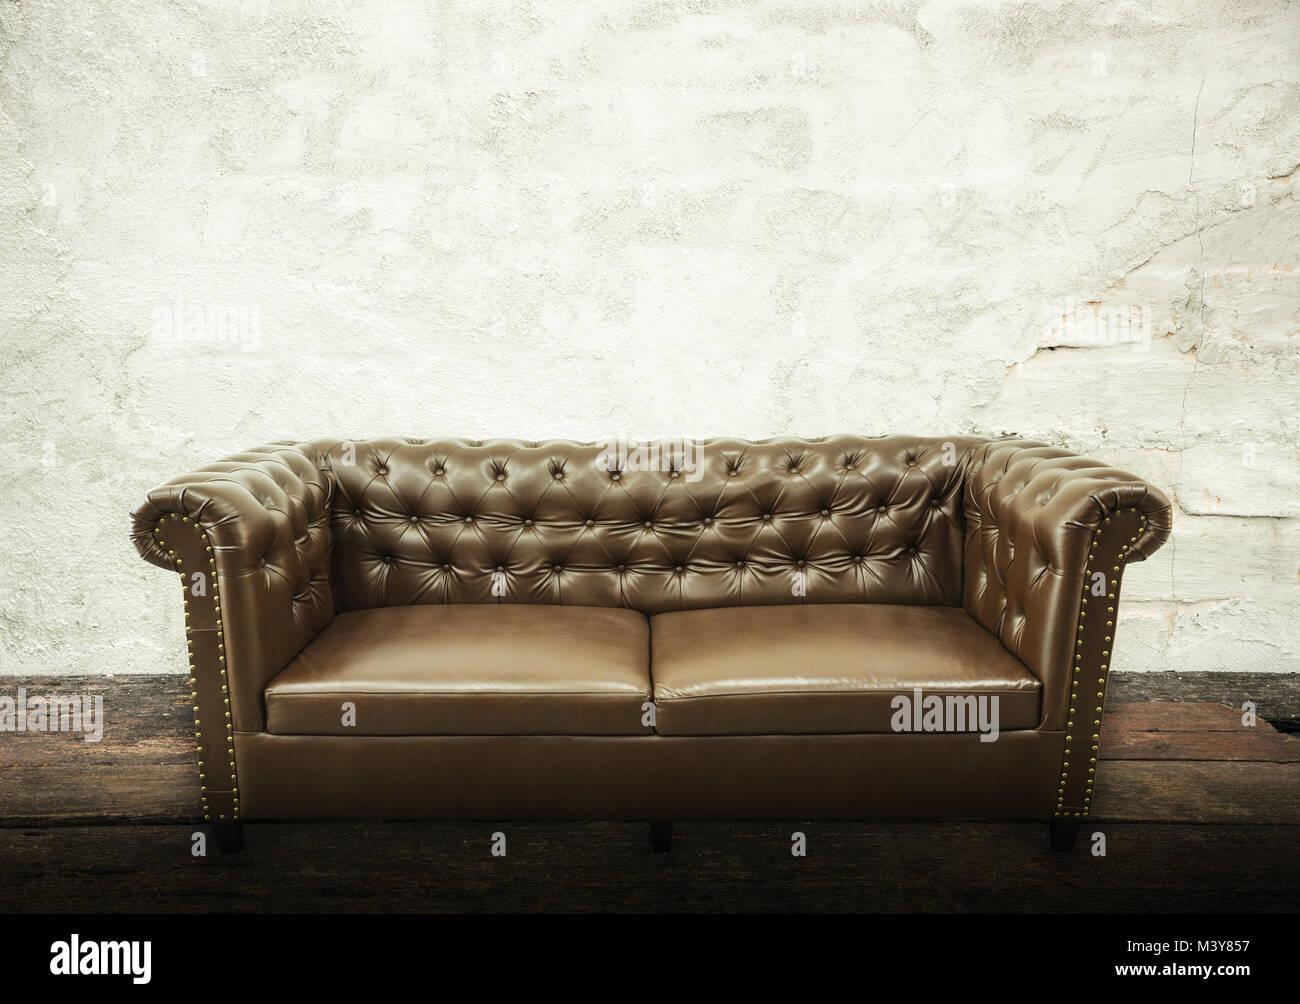 Dunkel Braun Vintage Schöne Luxuriöse Vintage Sofa Einrichtung Mit Grauem  Beton Struktur Wand Im Zimmer. Fashion Concept, Entspannung Konzept Mit ...